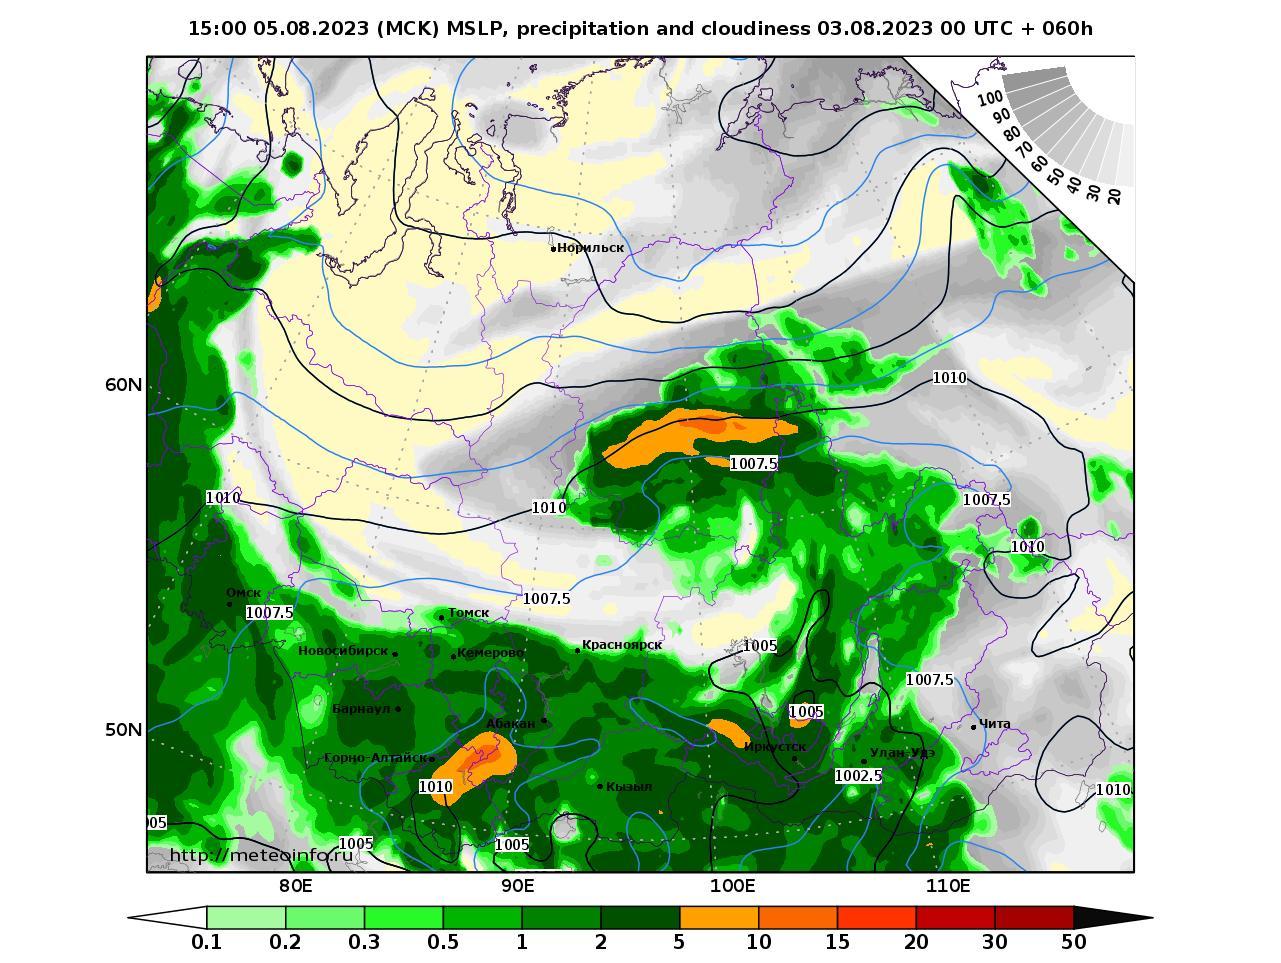 Сибирский Федеральный округ, прогностическая карта осадки и давление, заблаговременность прогноза 60 часов